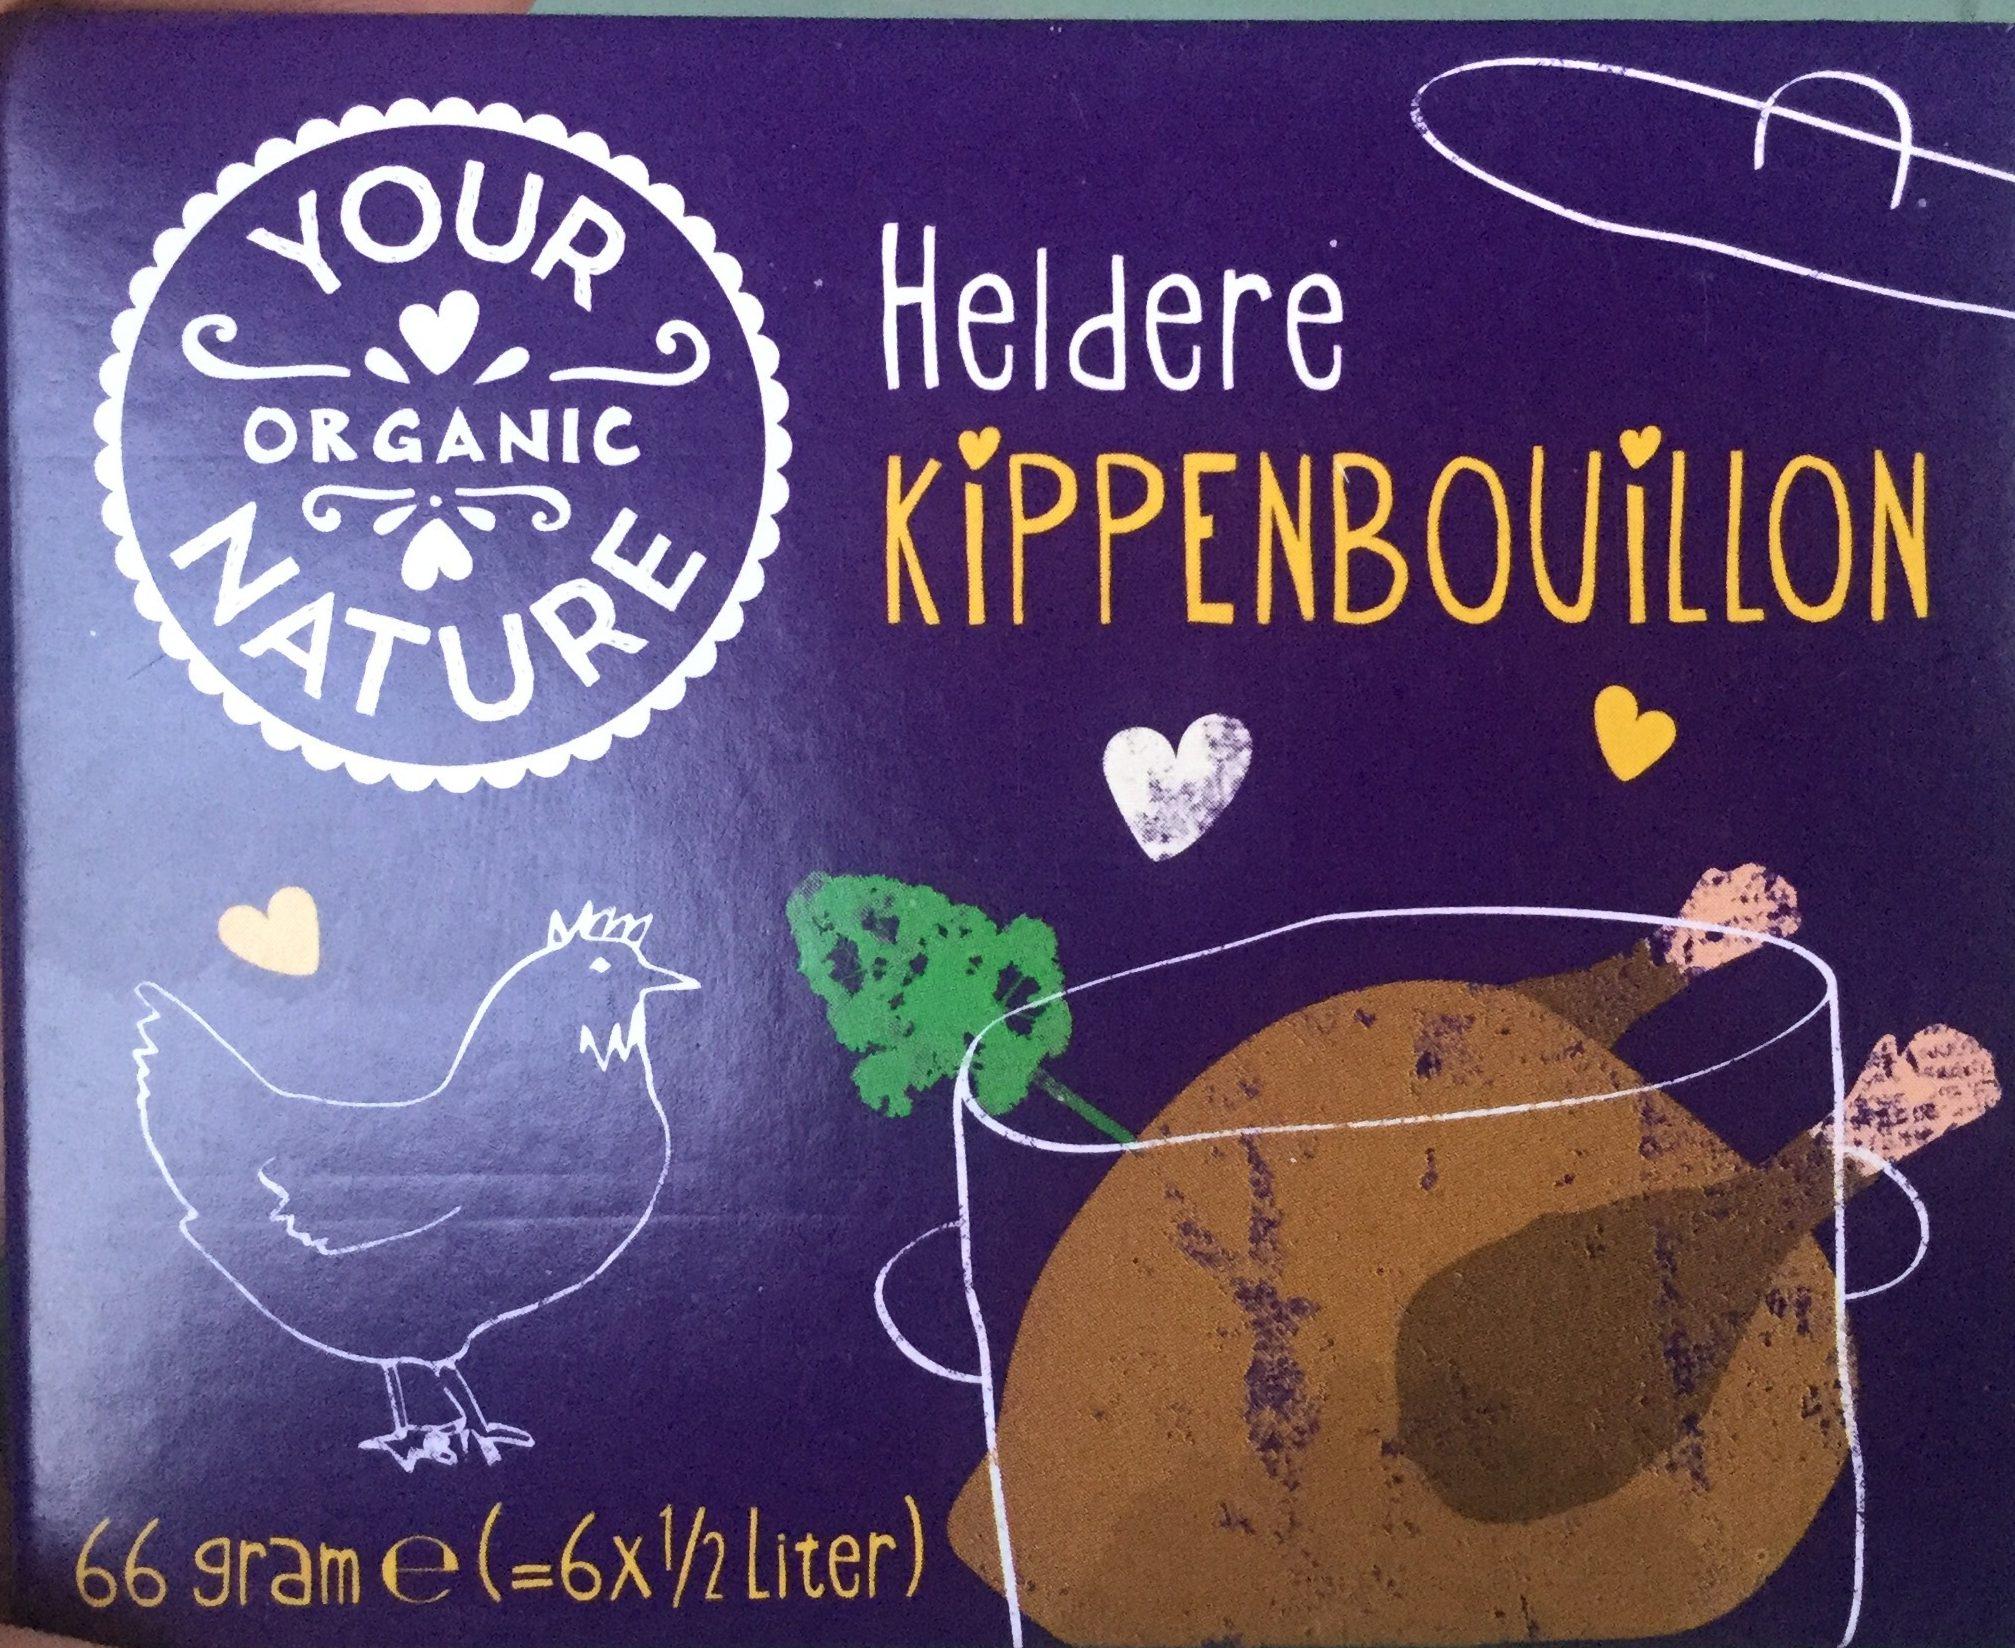 Heldere kippenbouillon - Product - nl